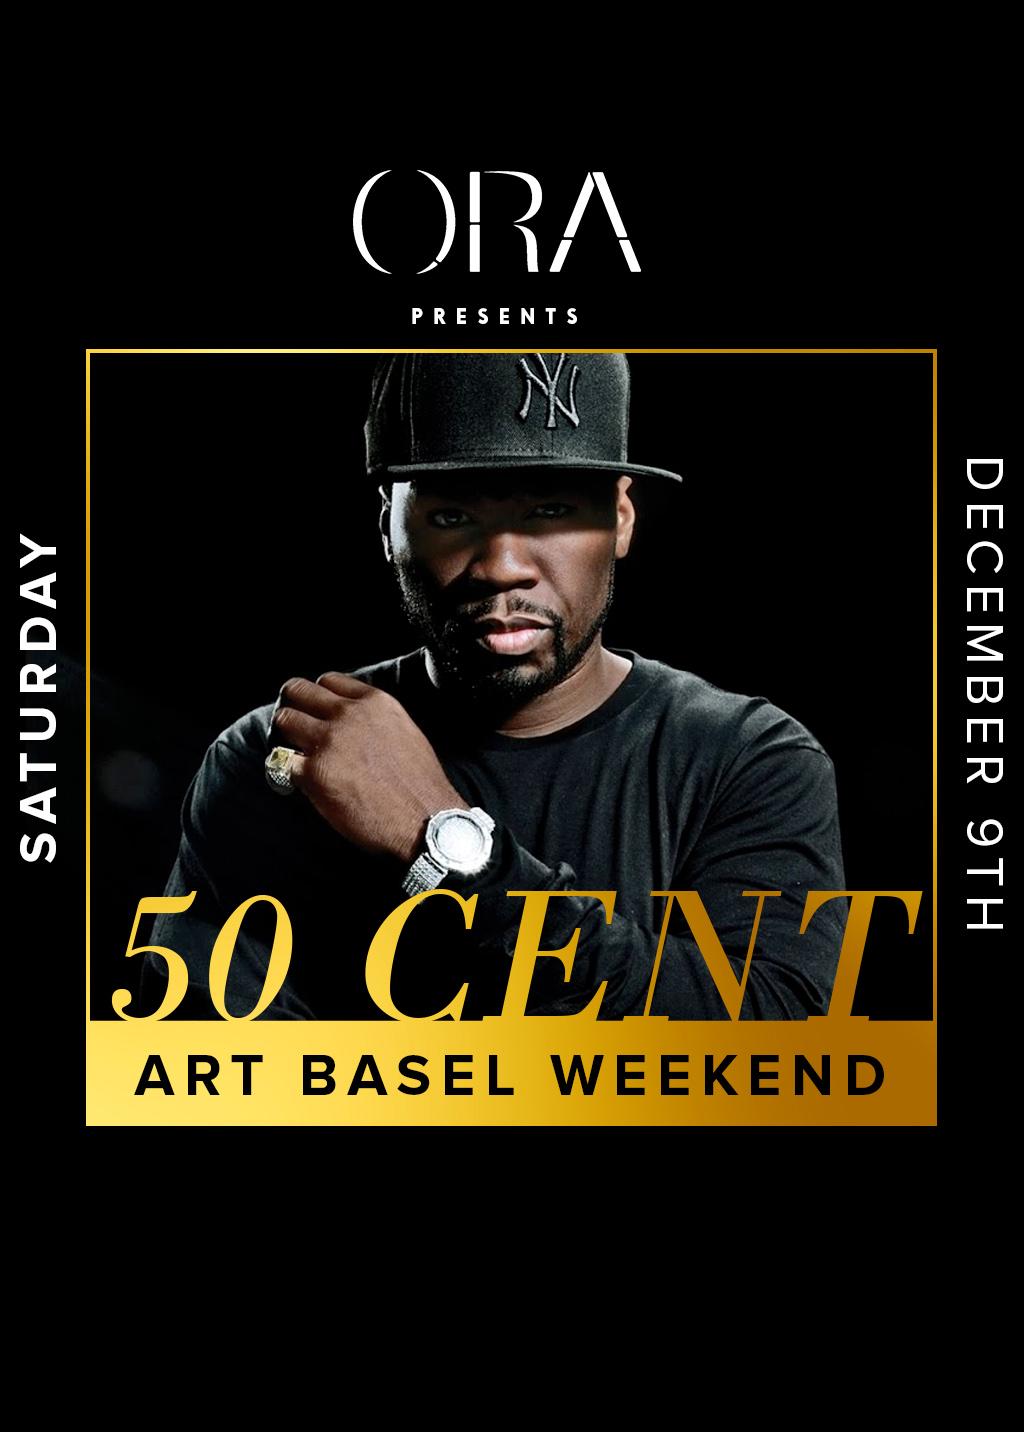 50 Cent @ Ora